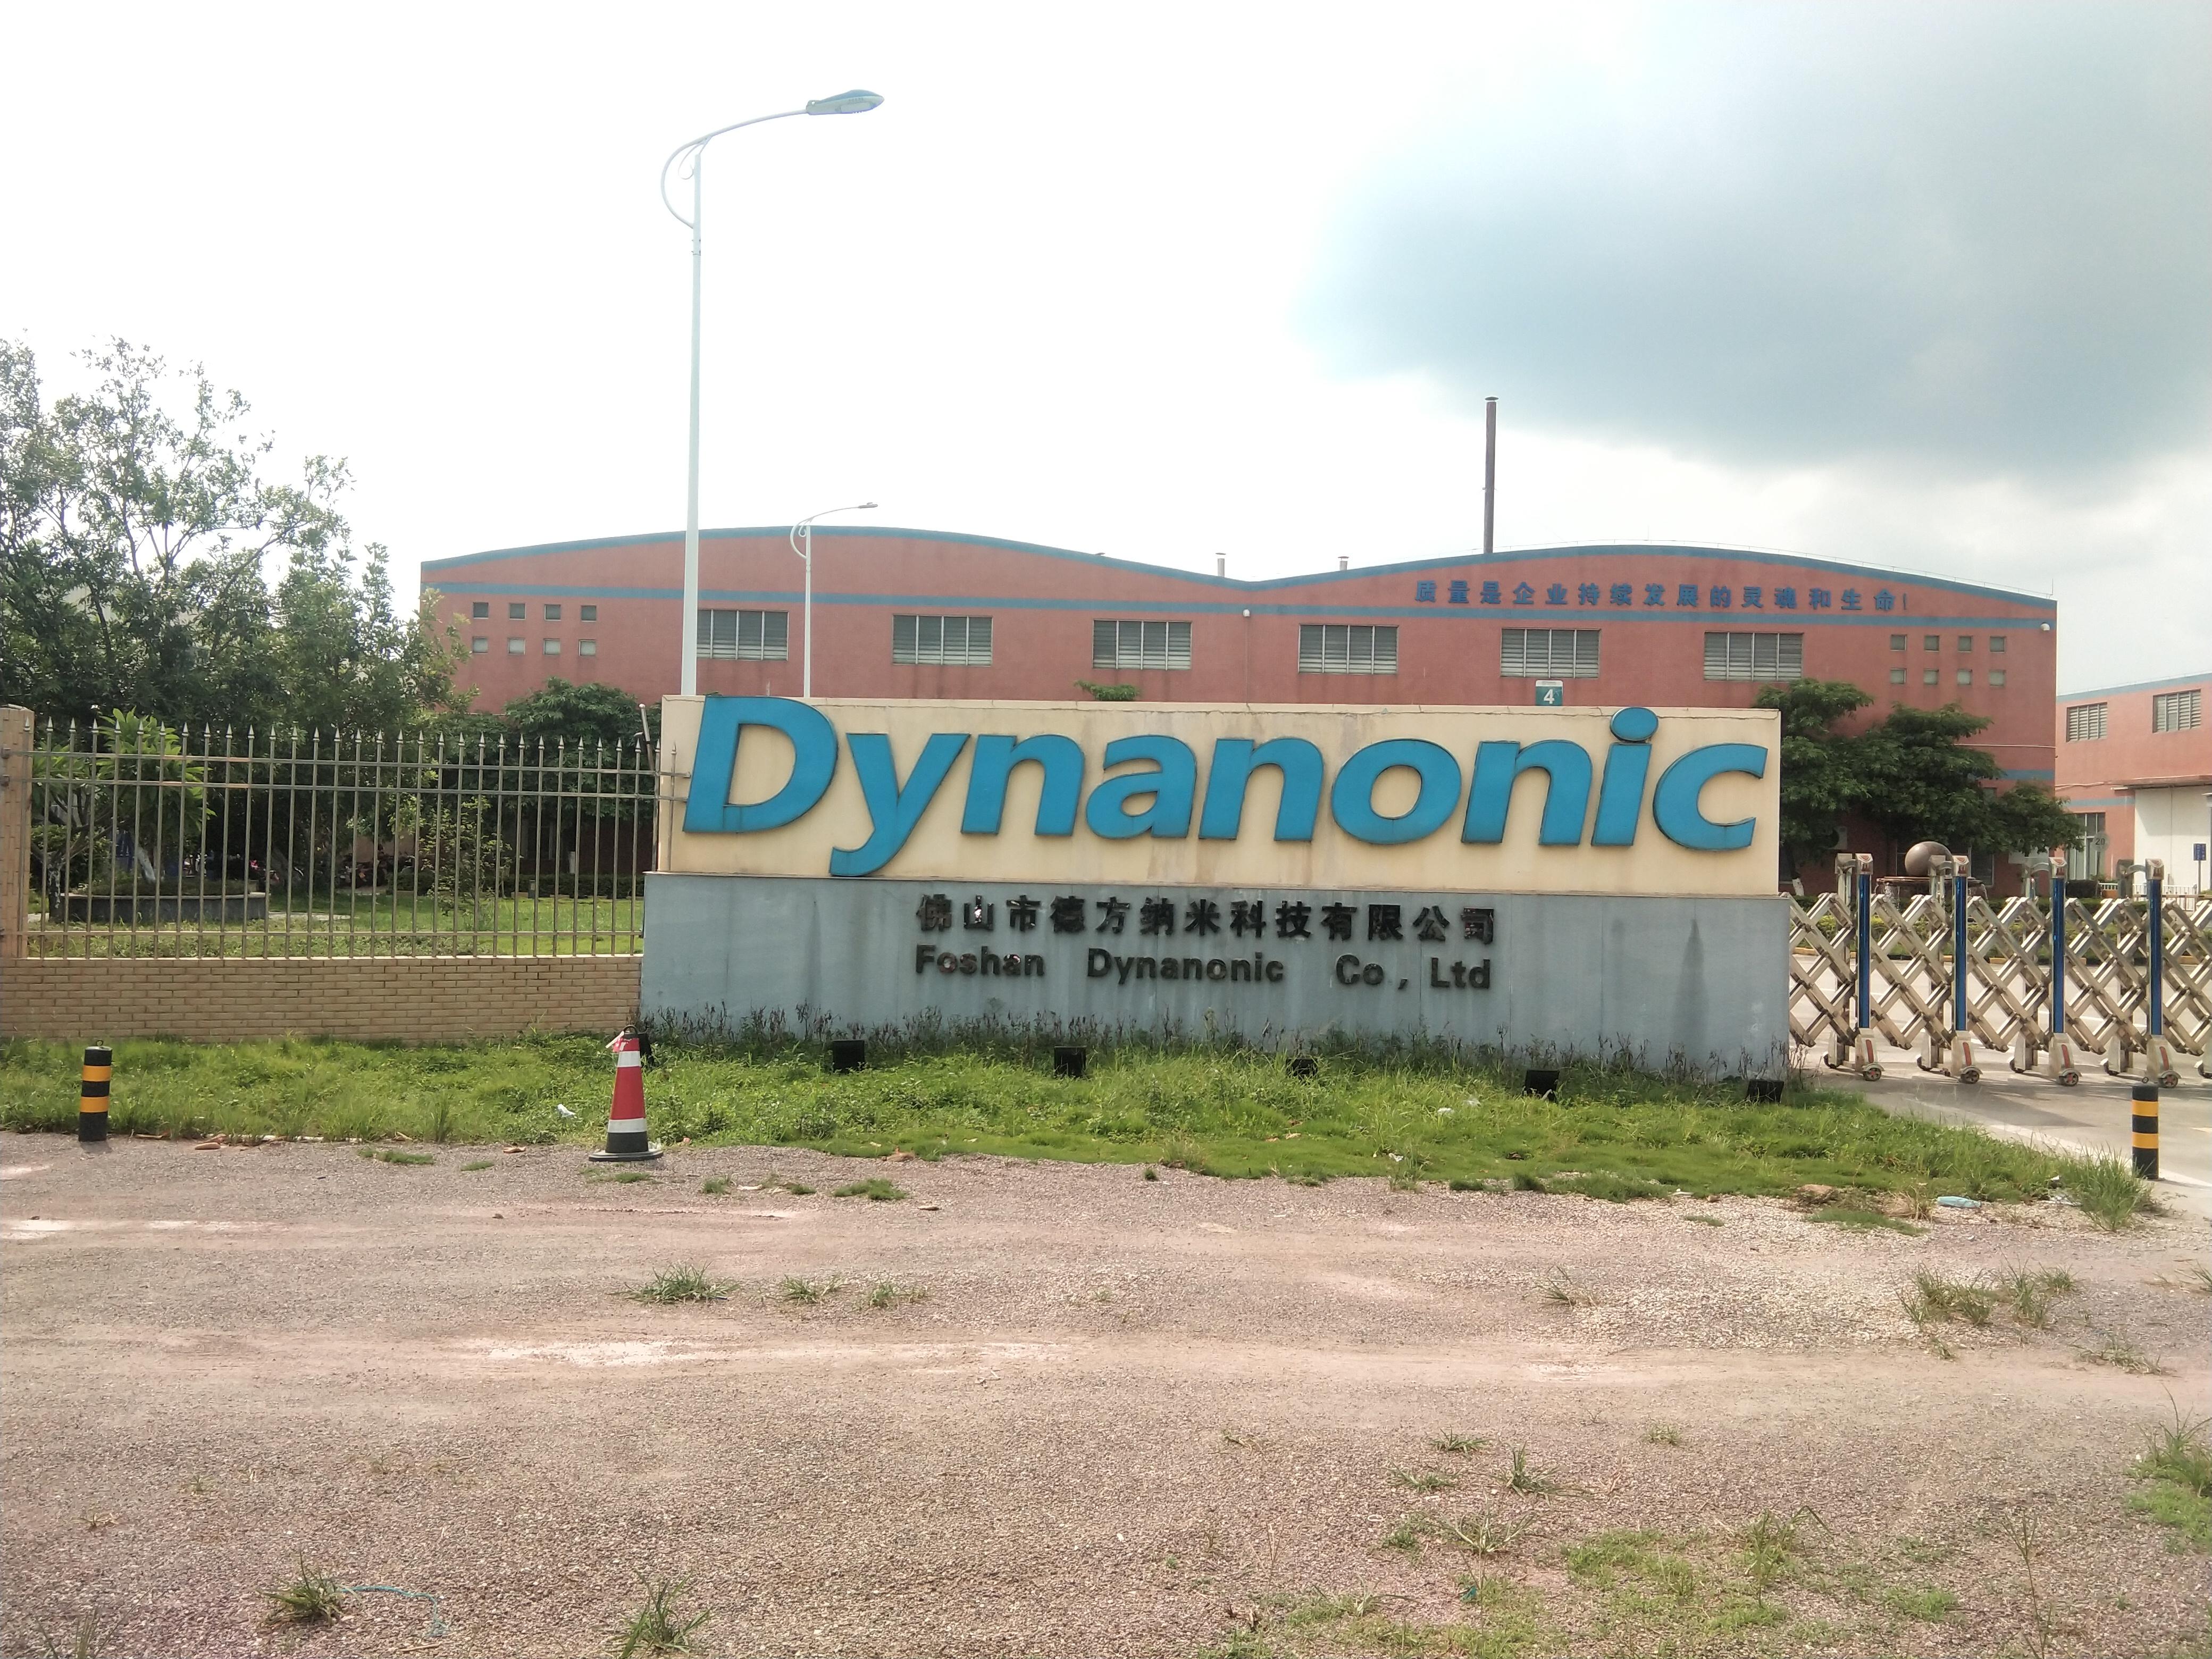 德方纳米四期锂动力研究院建设项目